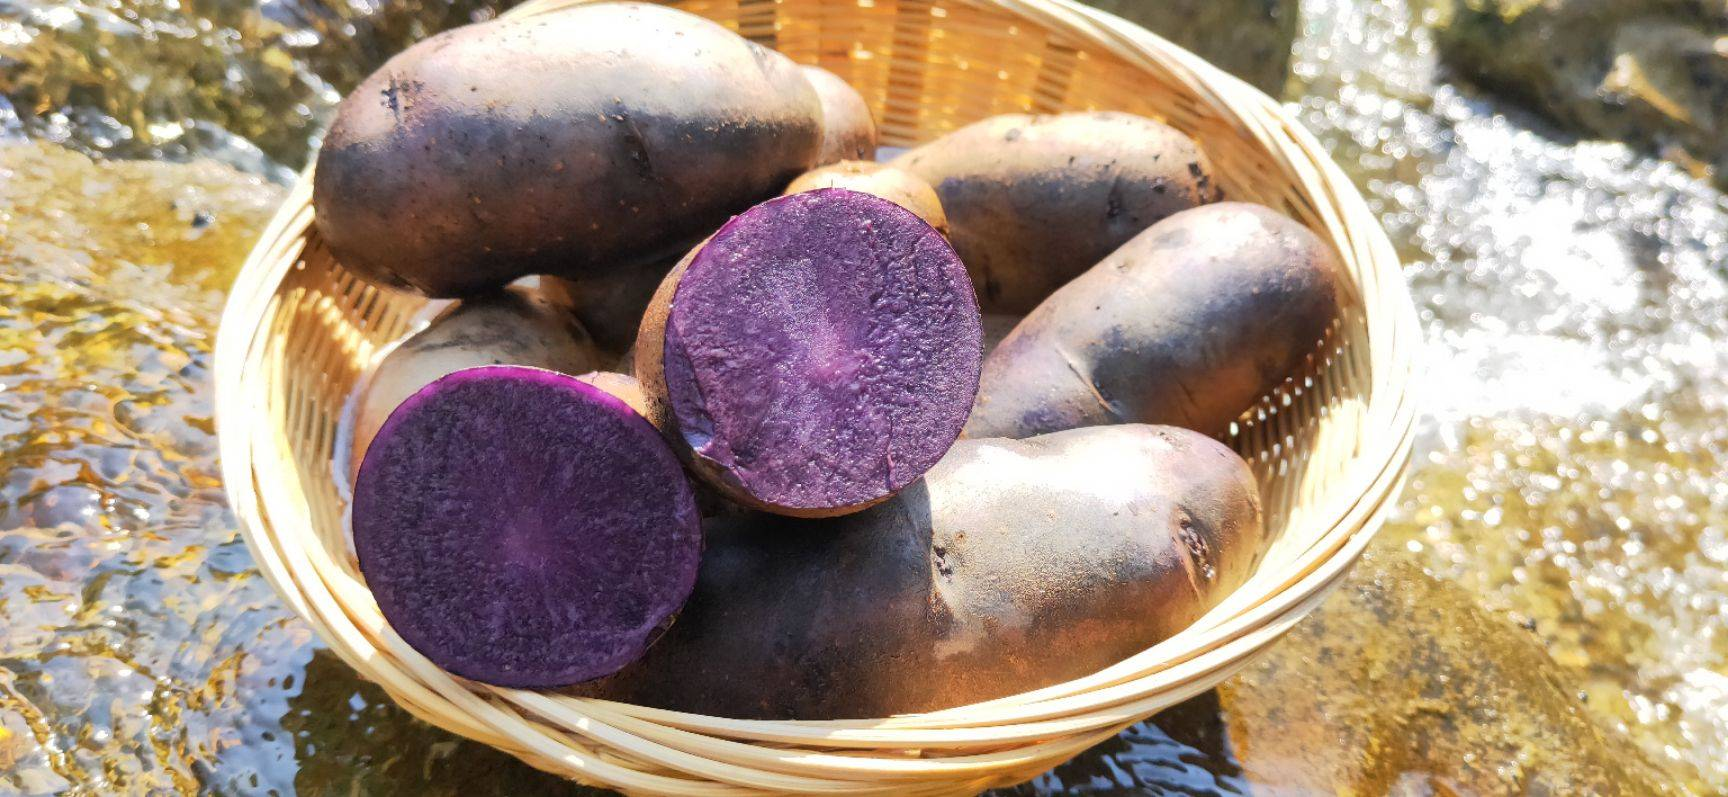 黑金剛土豆 花青素,抗突變,抗氧化